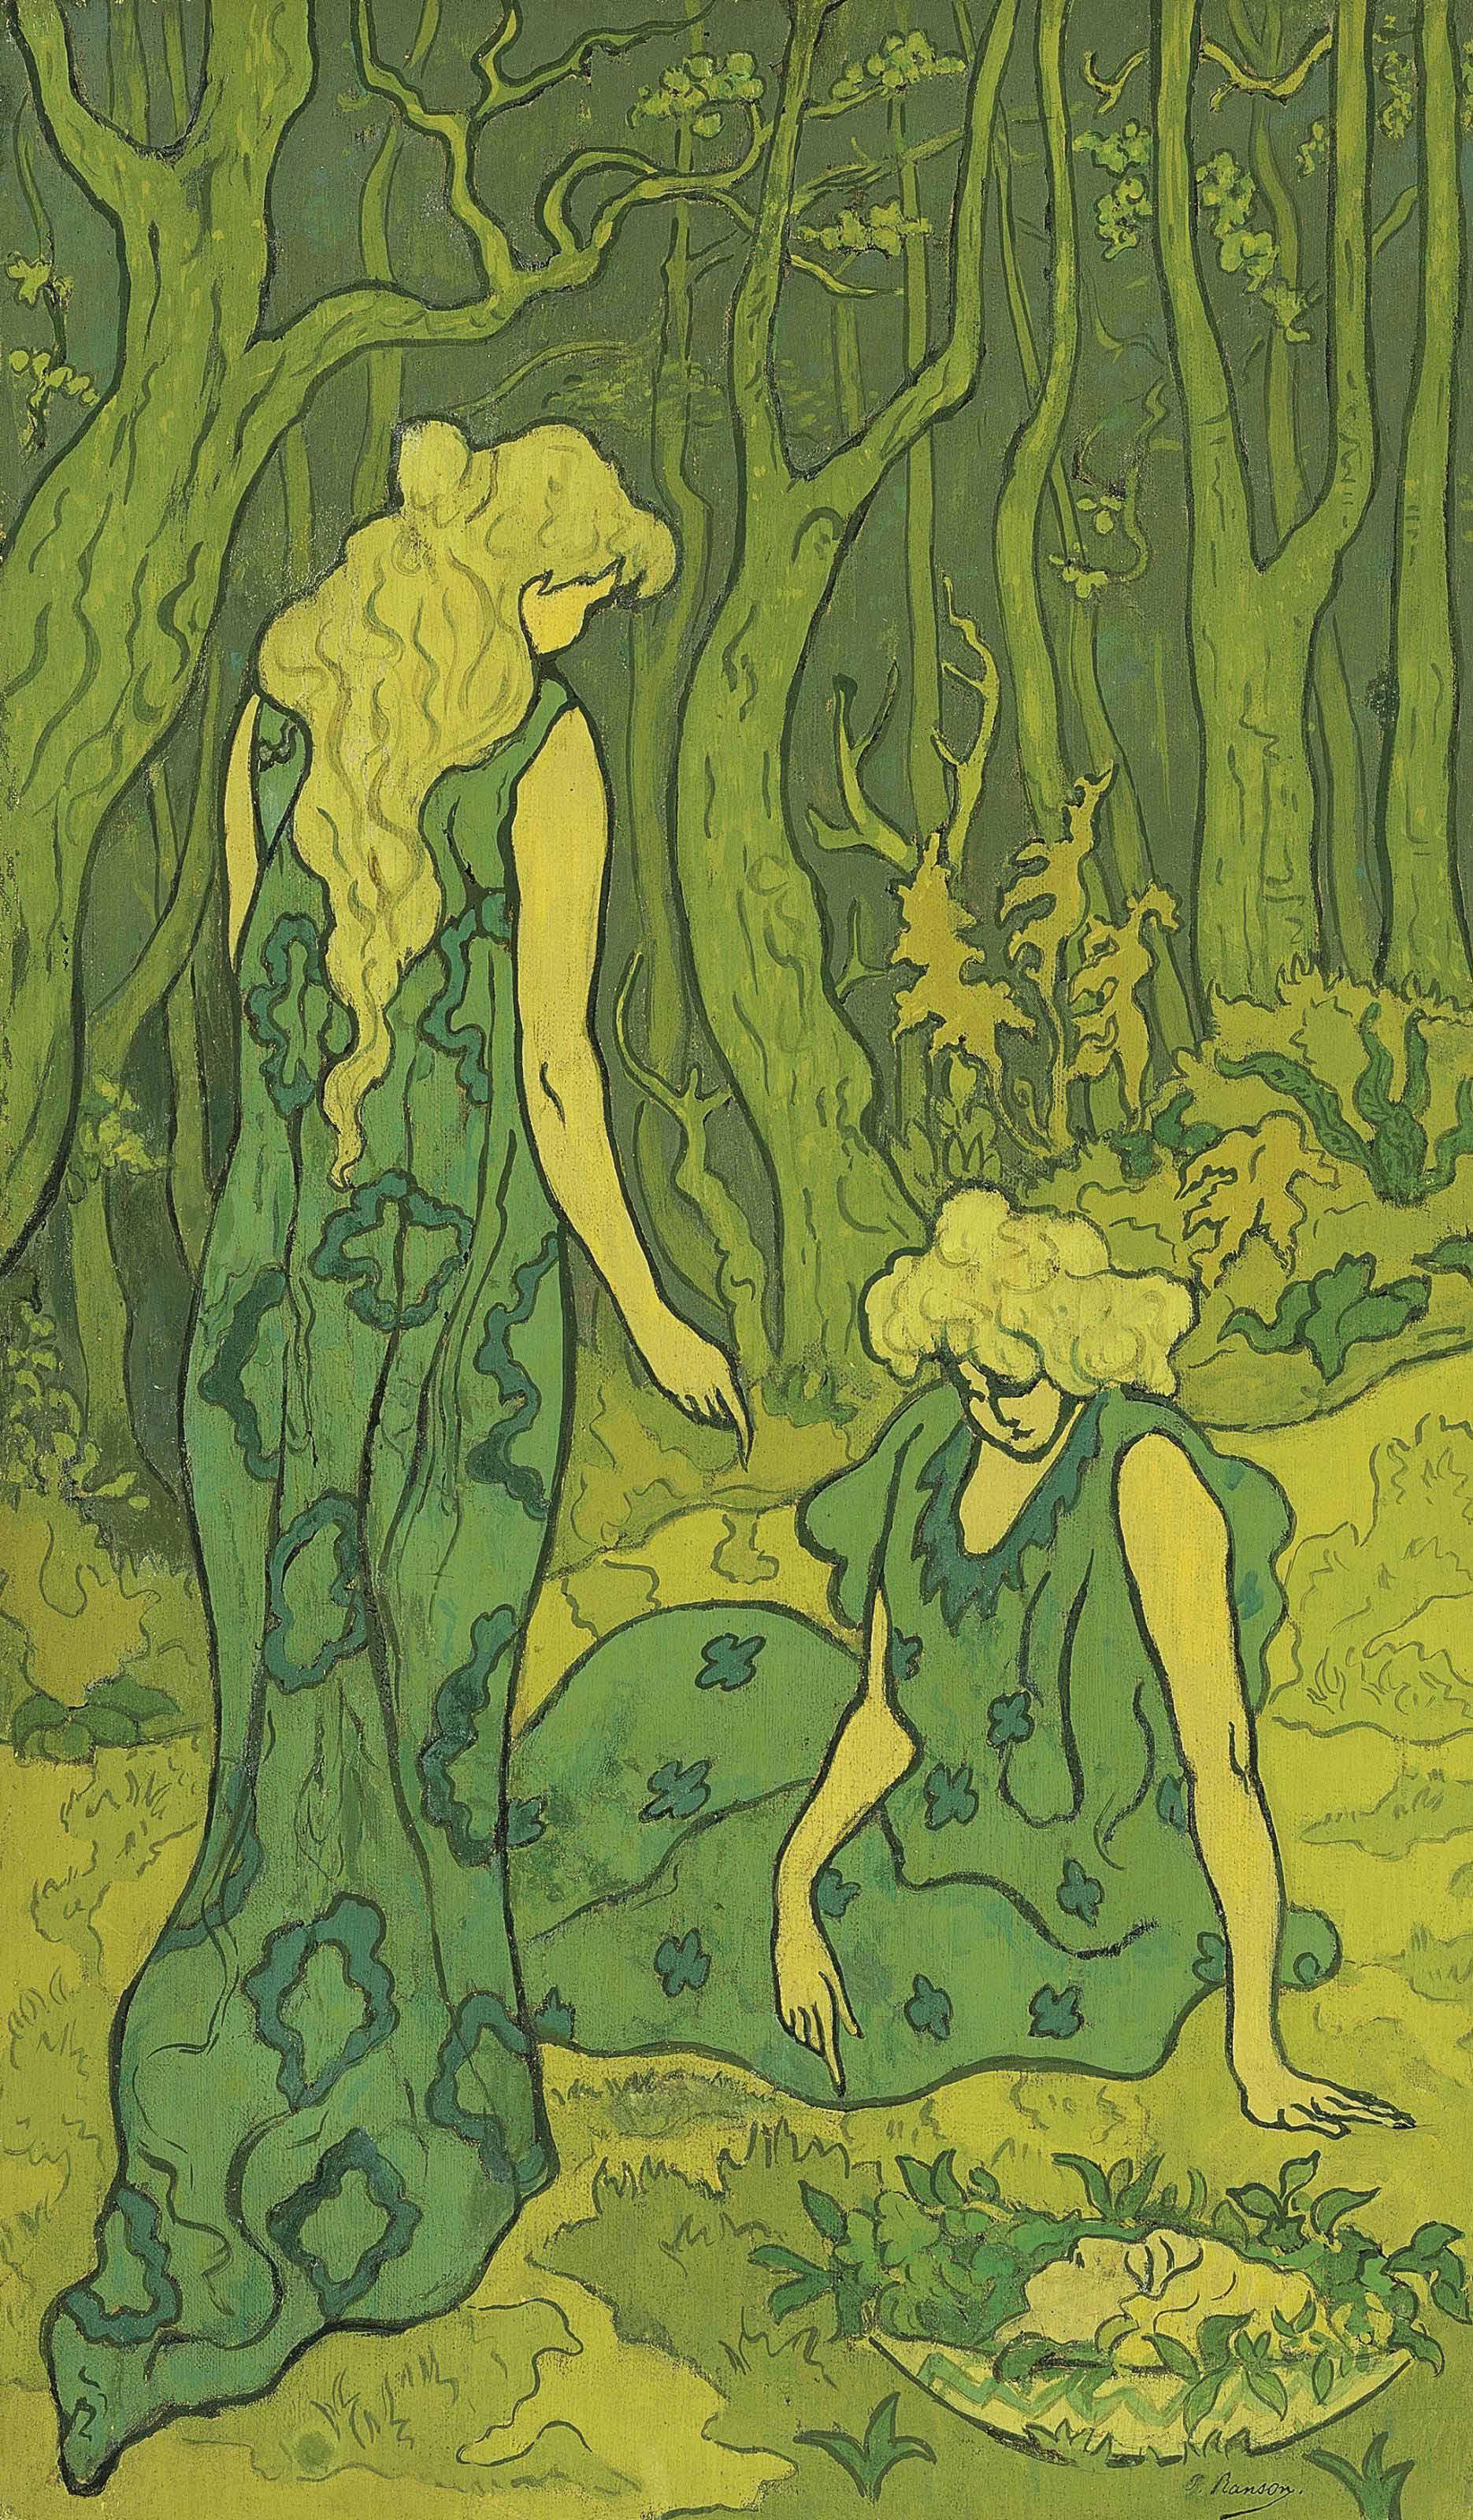 Deux jeunes filles devant la tête d'Orphée or Femmes dans la forêt or Symphonie de verts